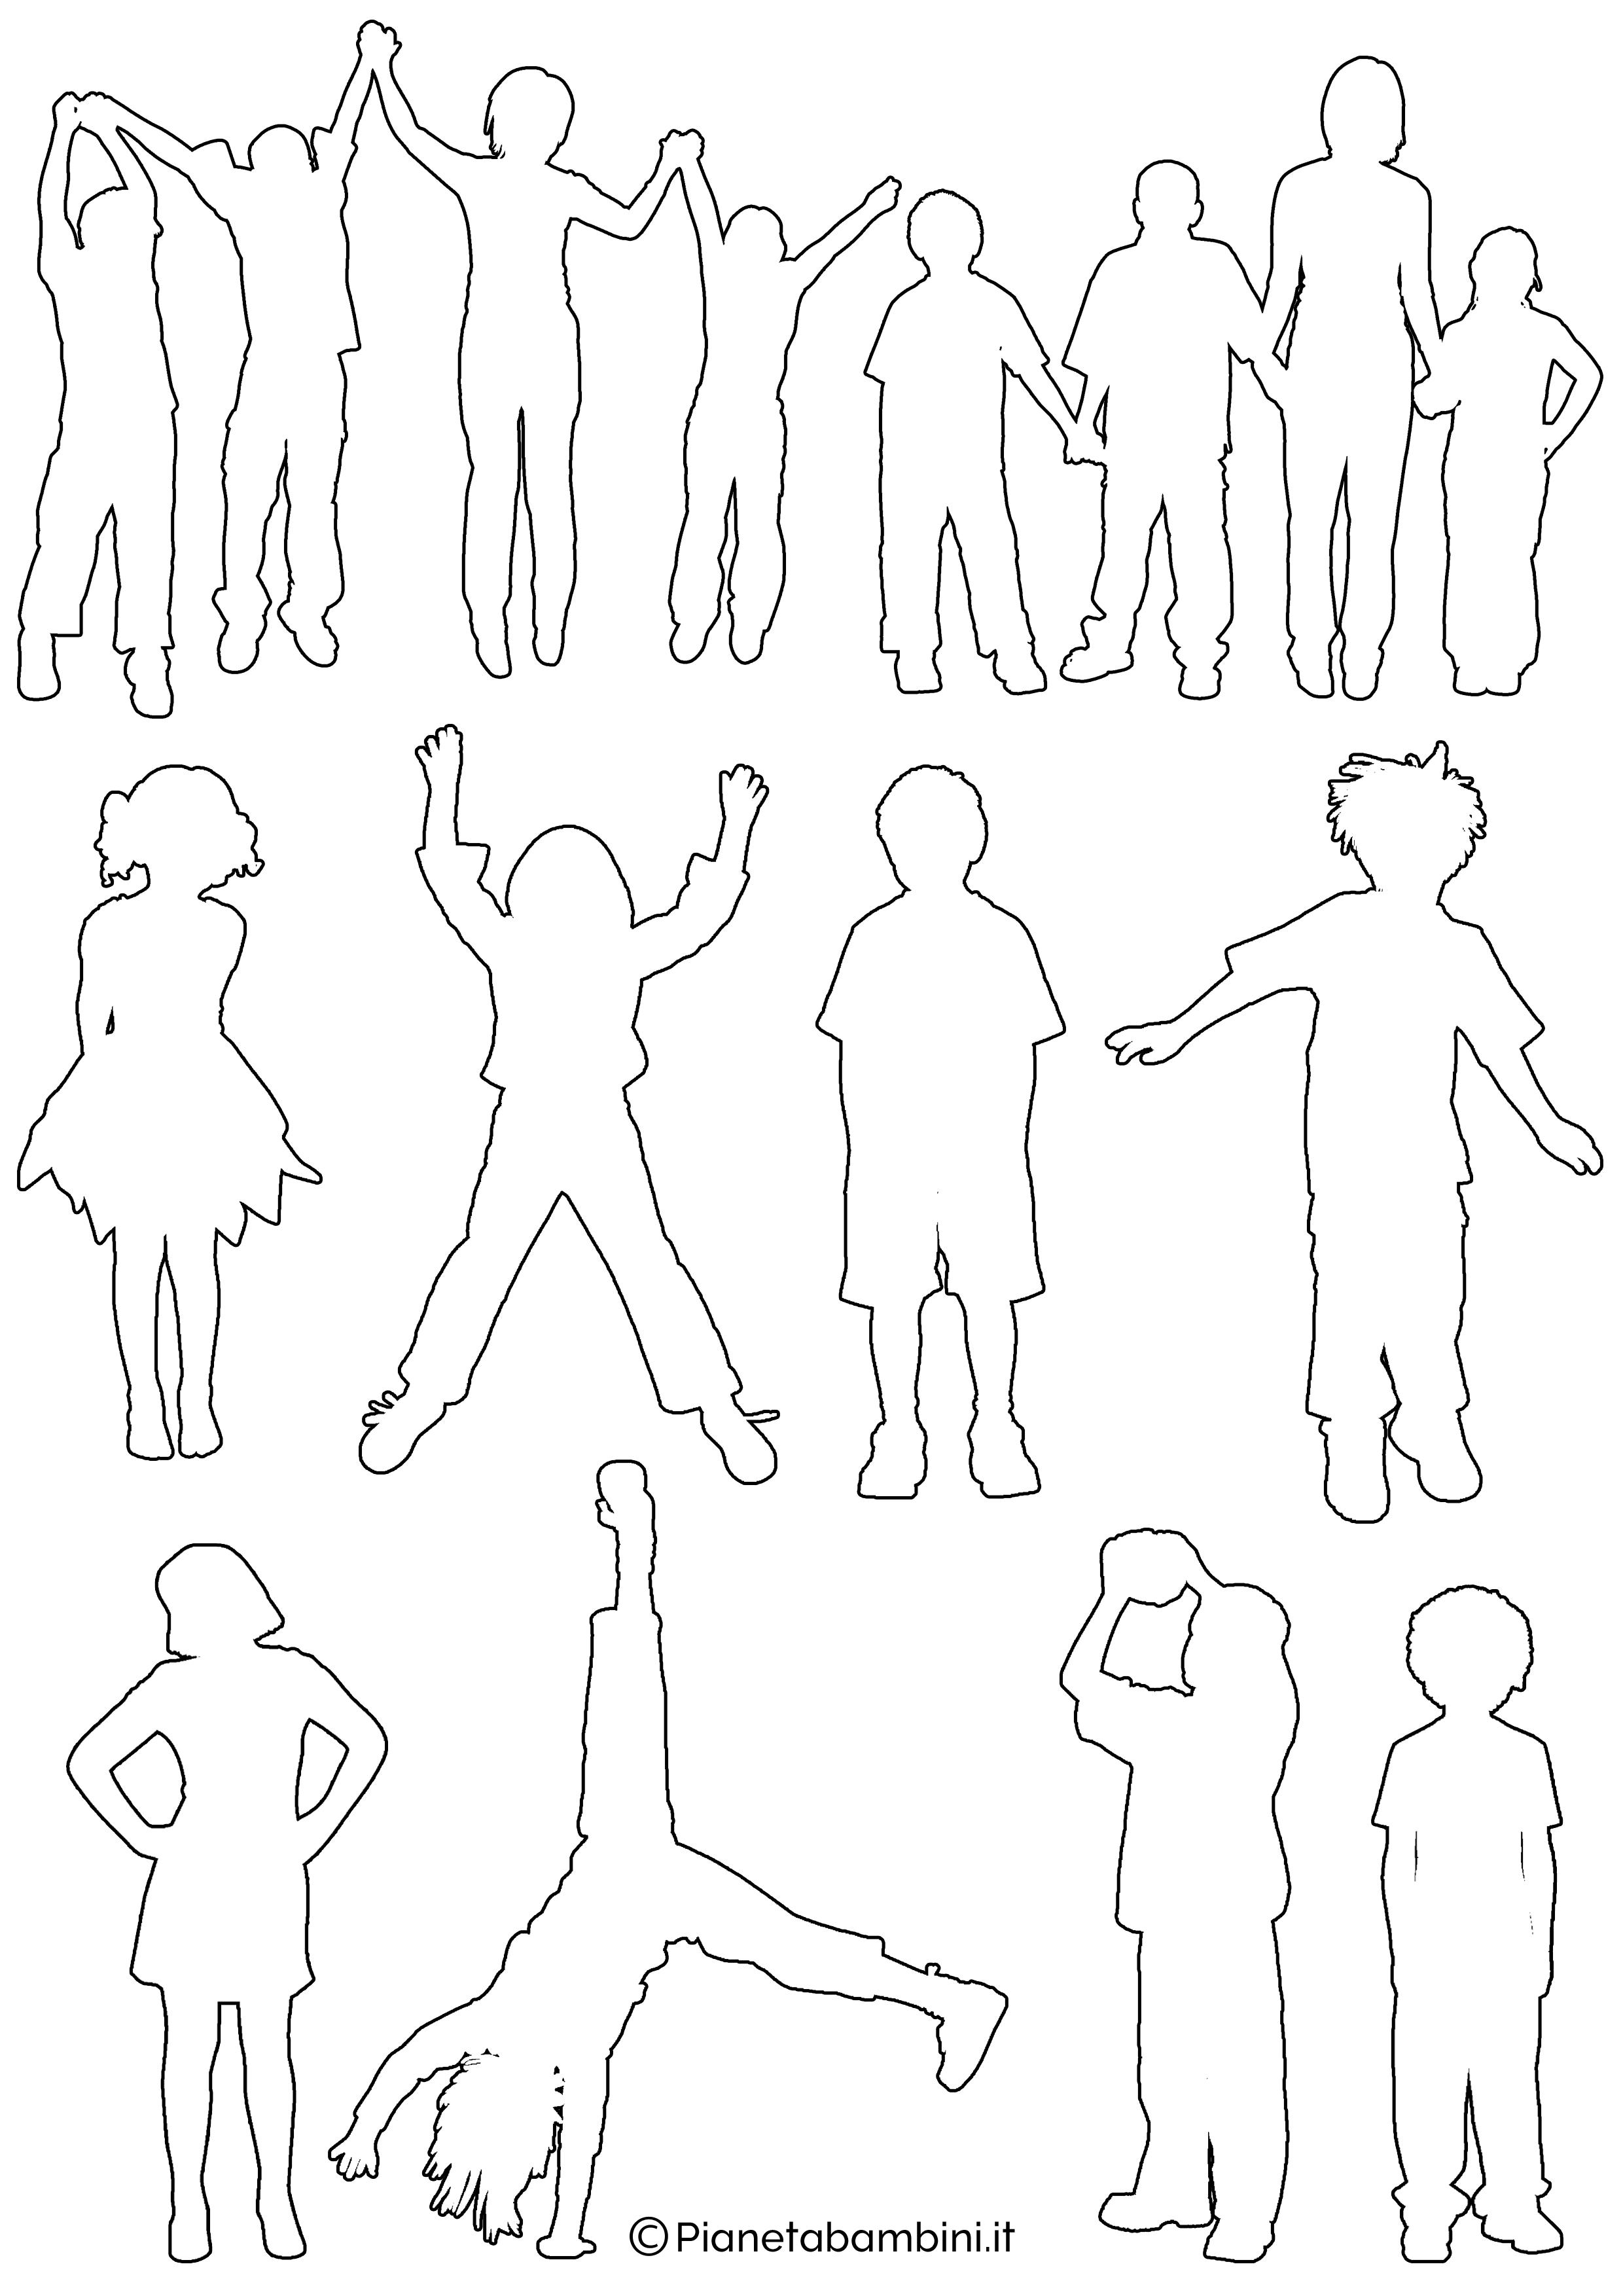 Sagome Di Bambini Da Colorare E Ritagliare Pianetabambini It Bambini Da Colorare Sagome Bambini